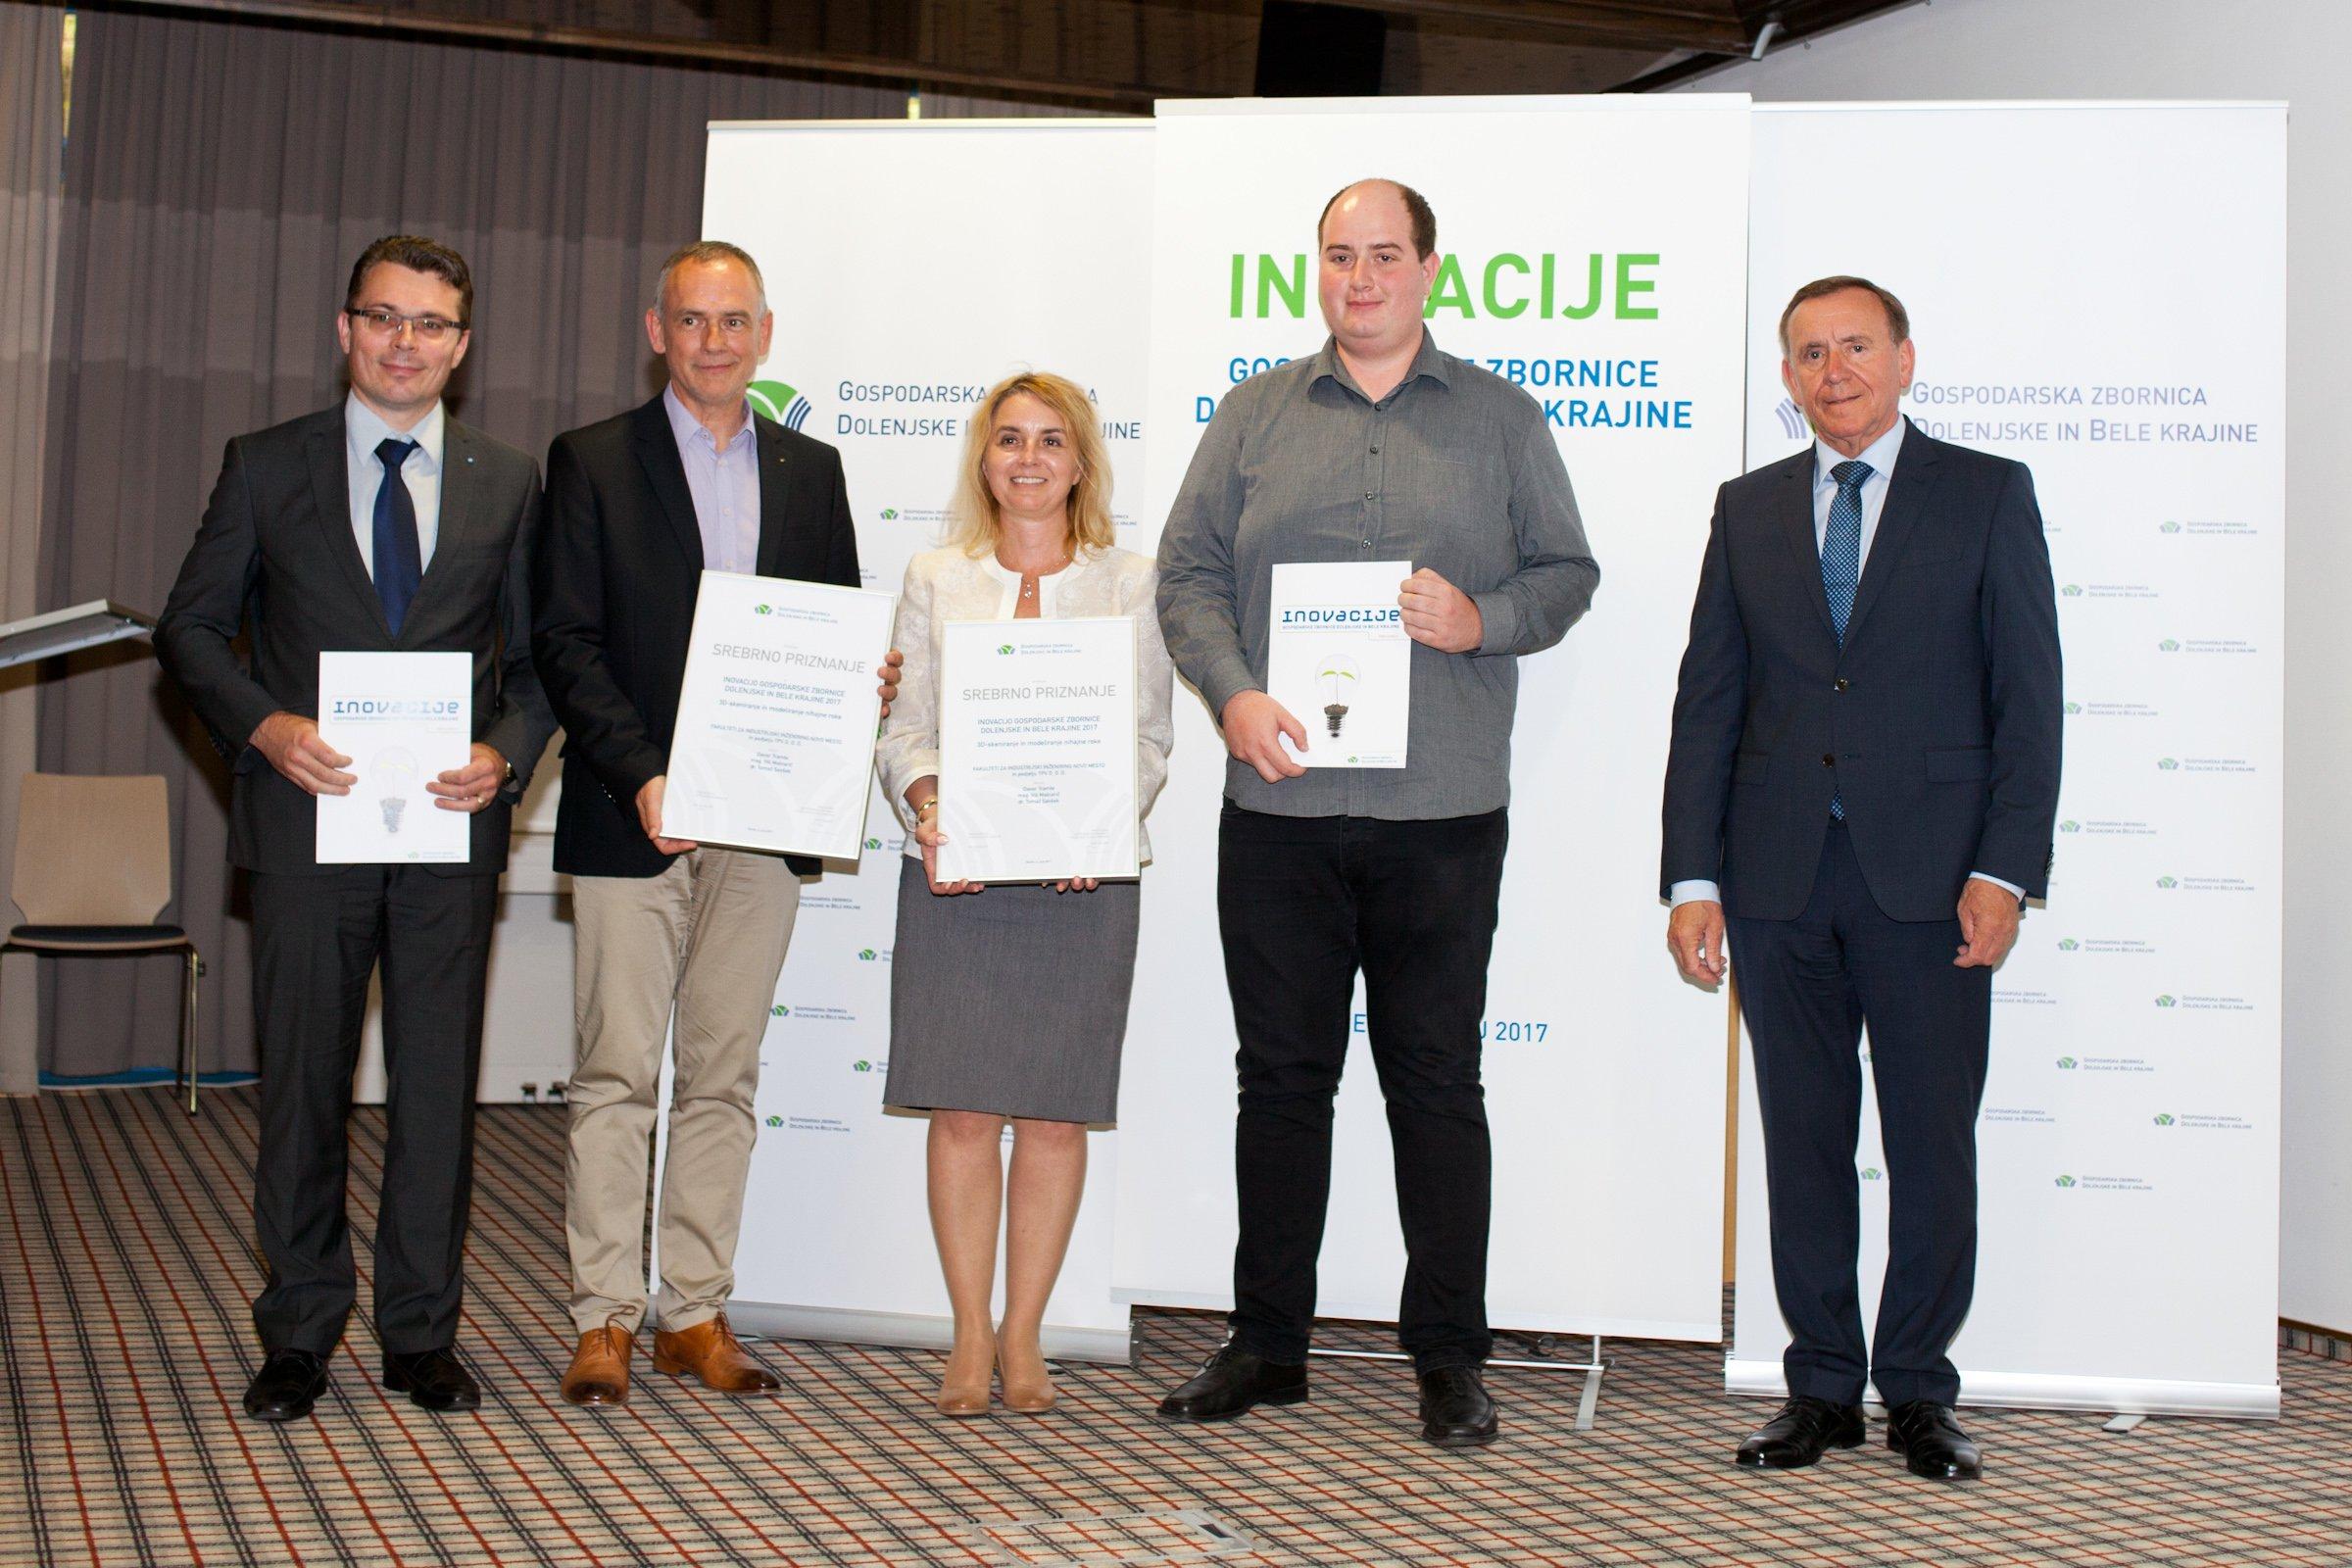 FINI dobil srebrno priznanje GZDBK za leto 2017